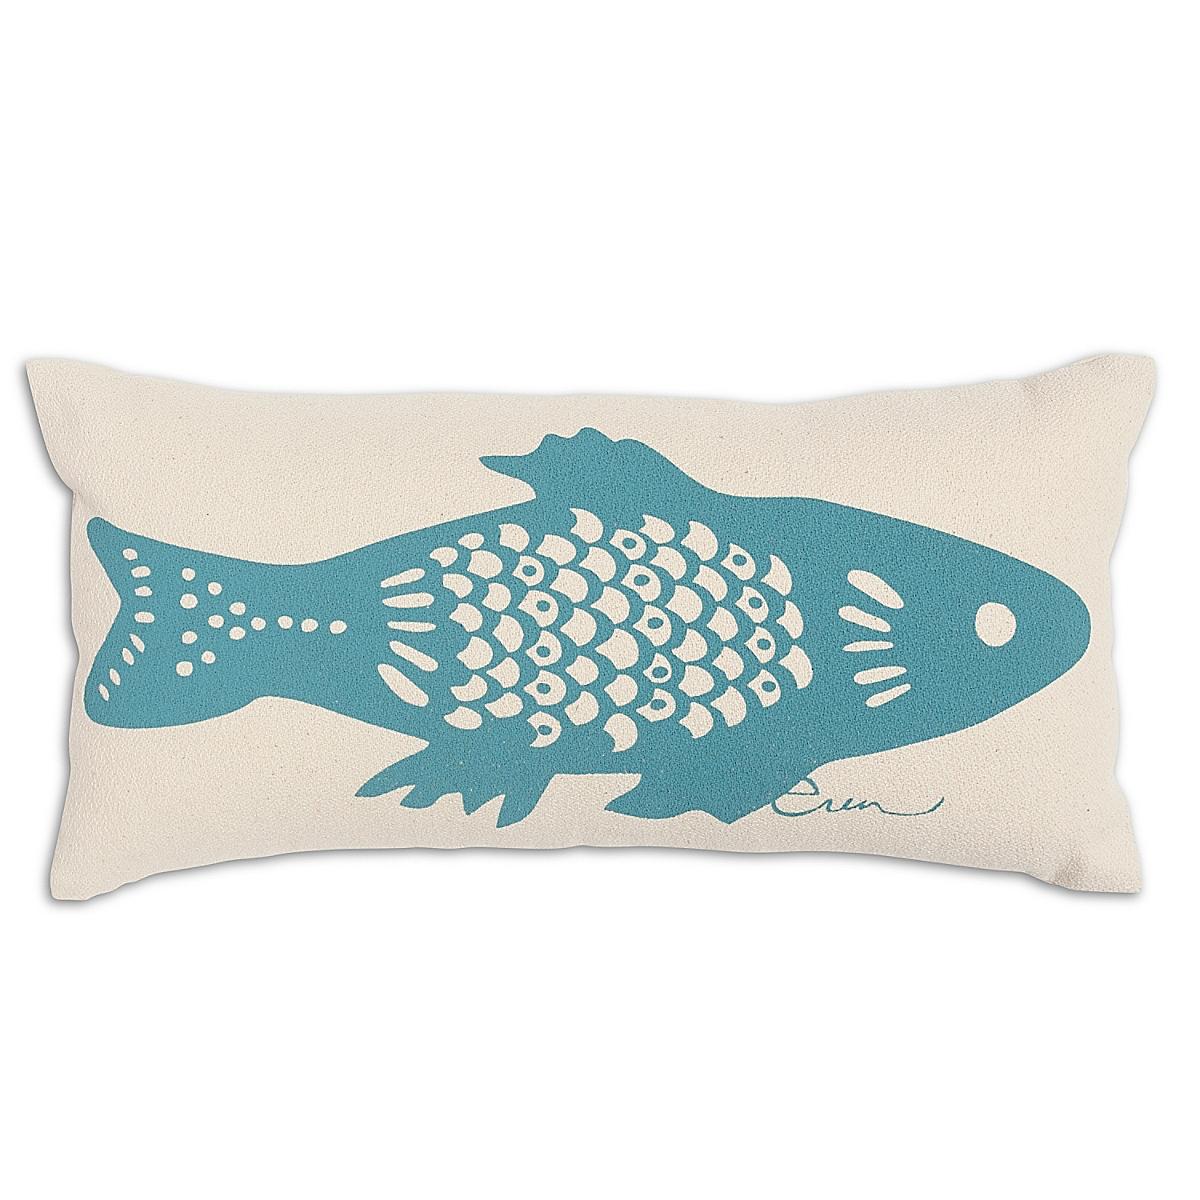 """10"""" x 20"""" - Cod Pillow: Surf"""